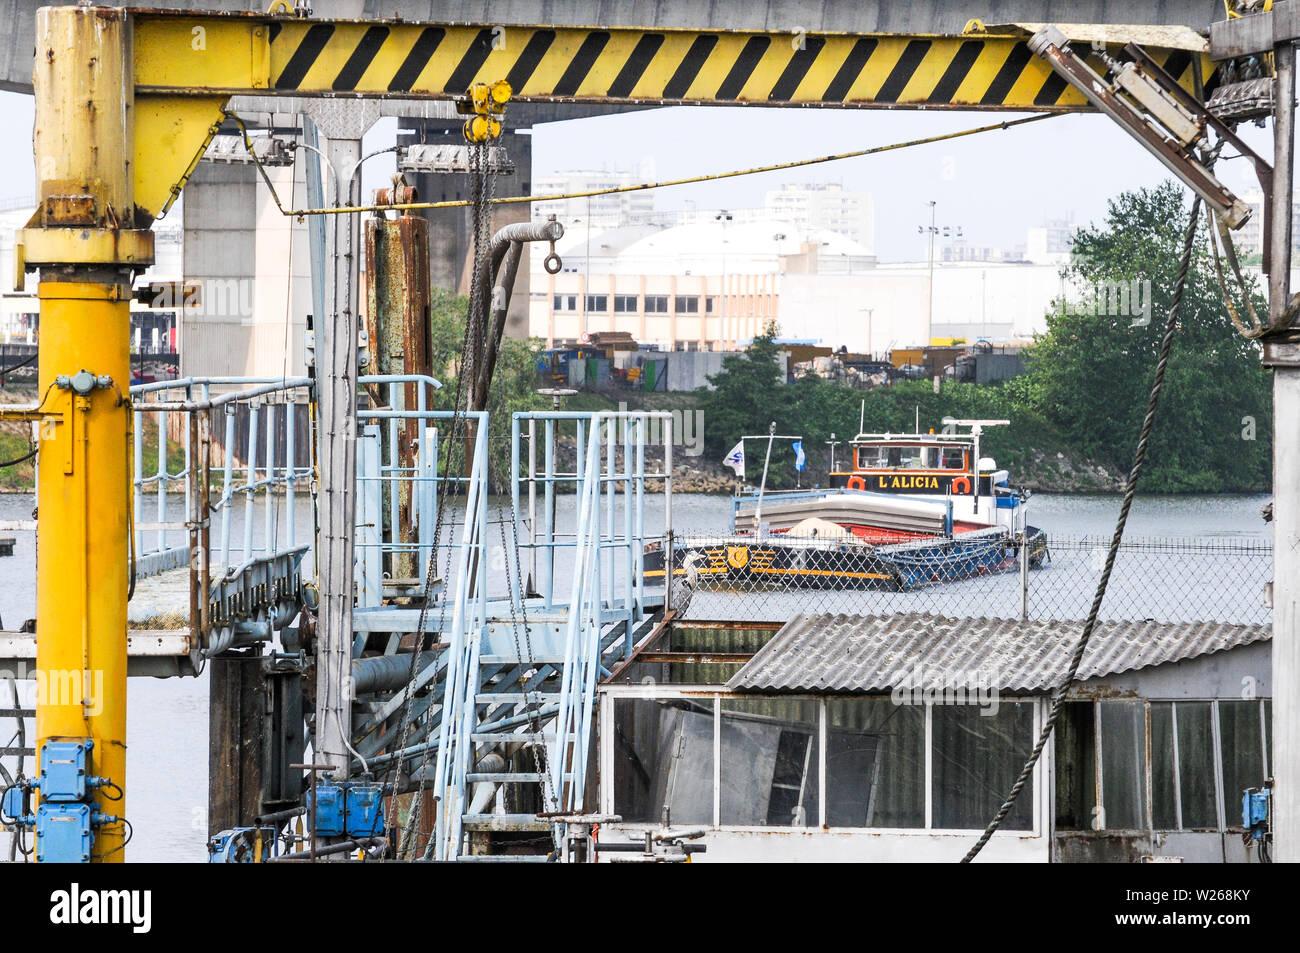 Genevilliers harbor, Hauts-de-Seine, Ile-de-France, France - Stock Image